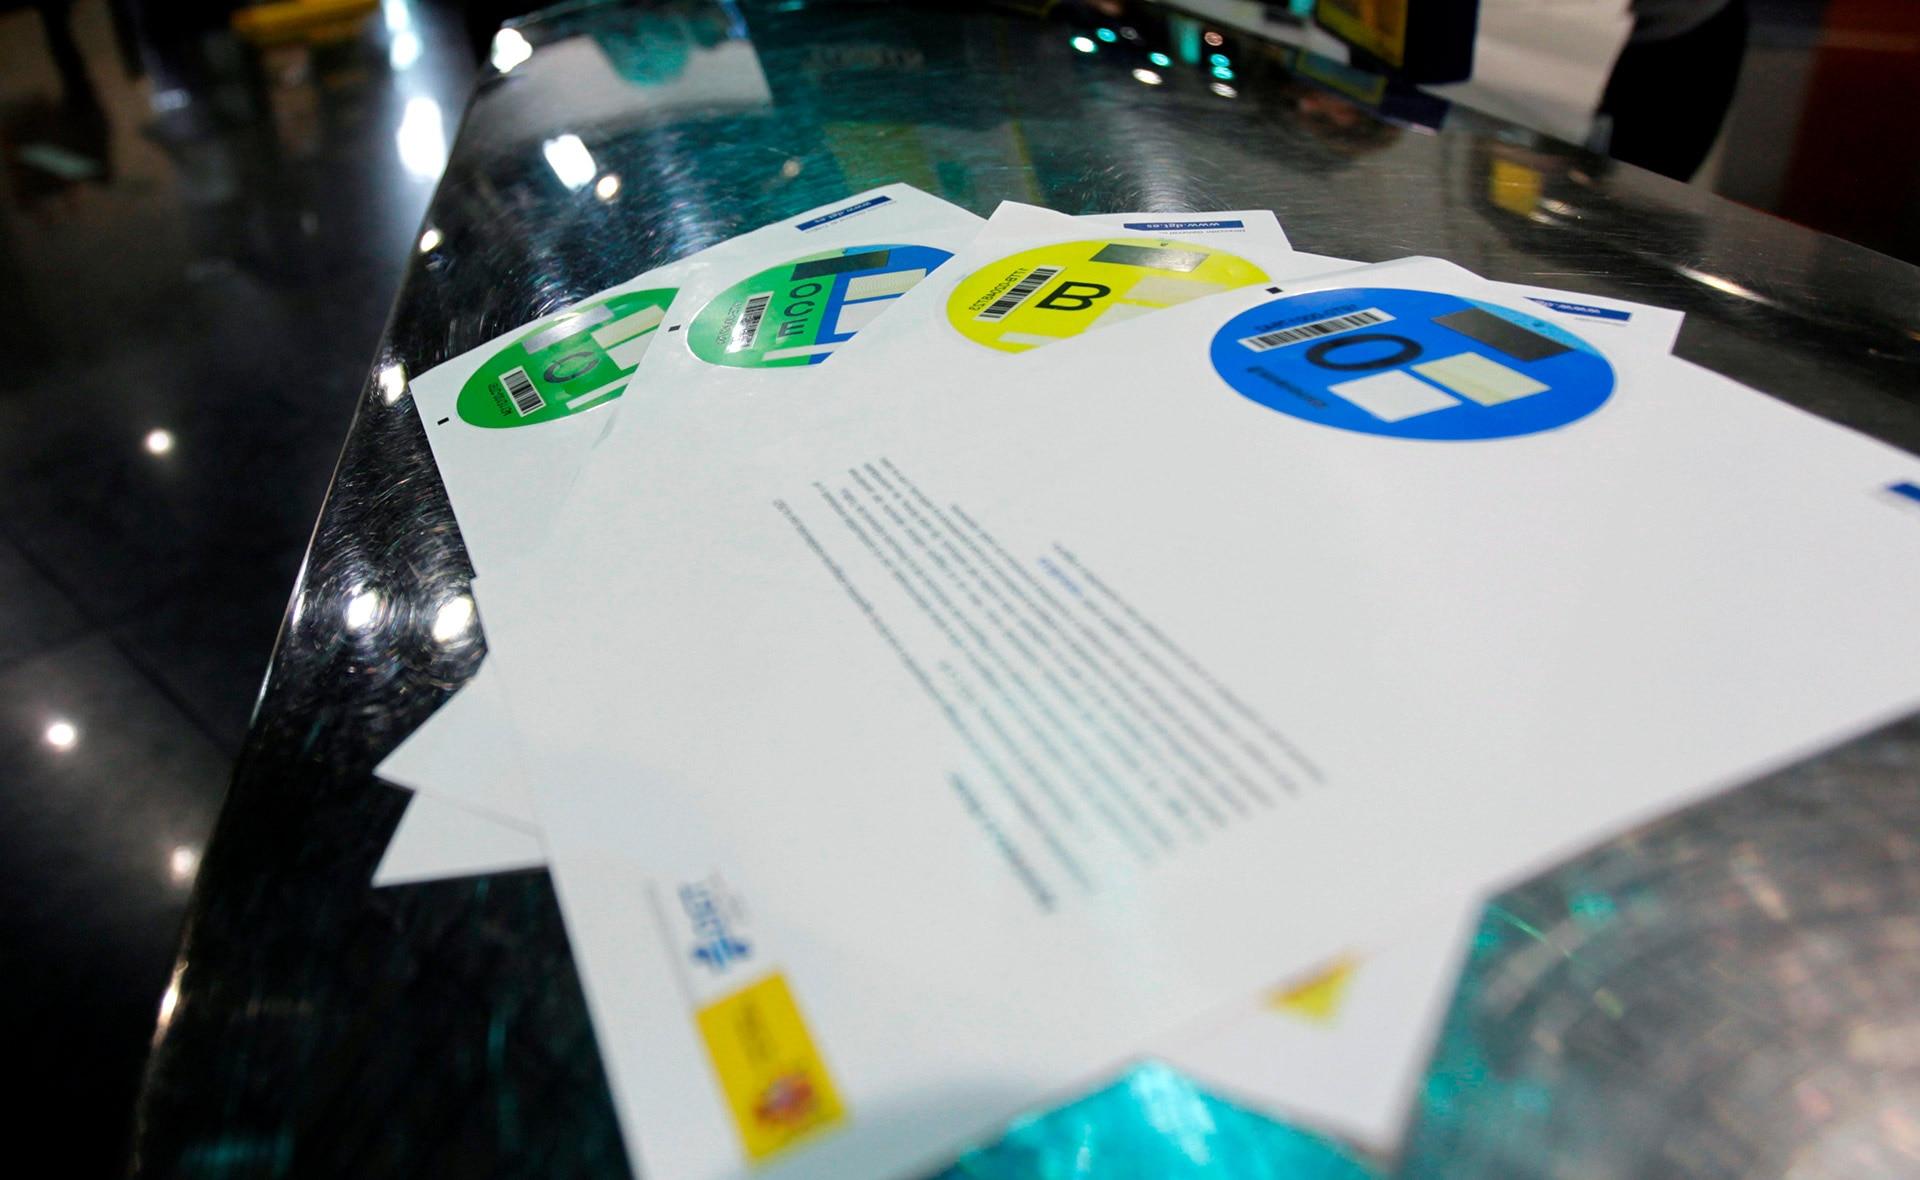 etiqueta_dgt_EFE-certificados-etiquetas-coche-